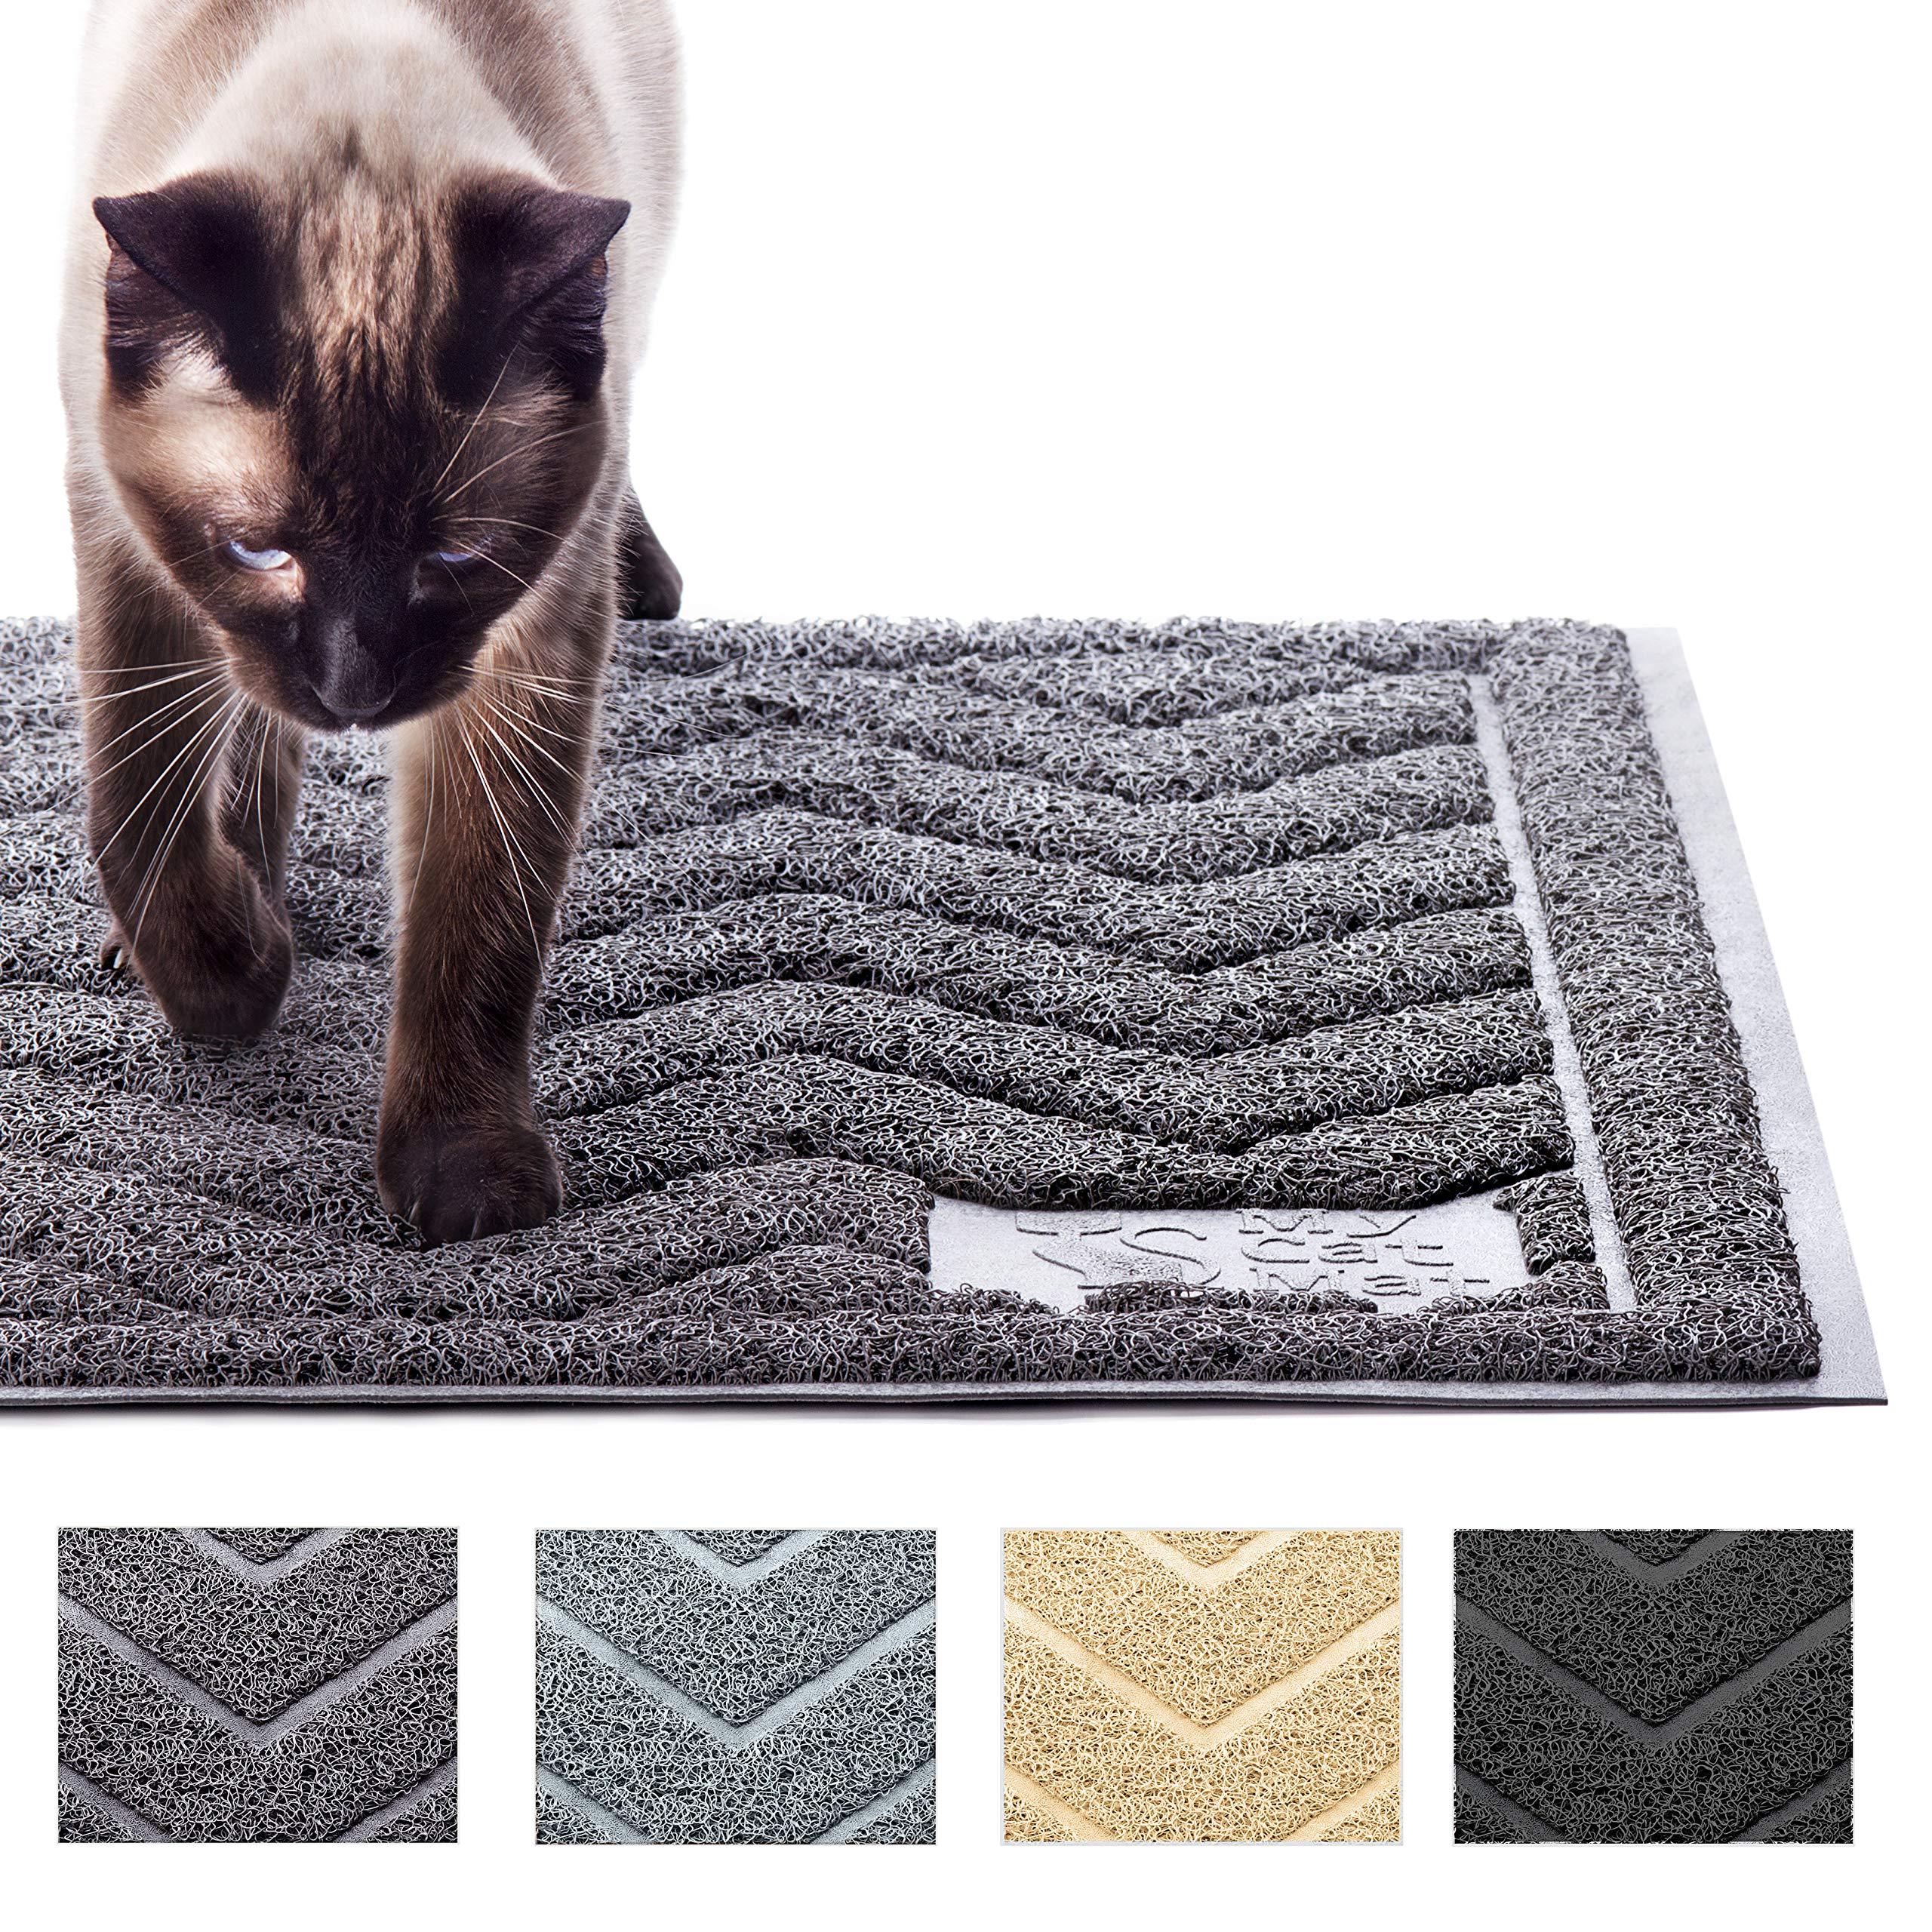 My Cat Mat Cat Litter Mat Traps And Controls Kitty Litter